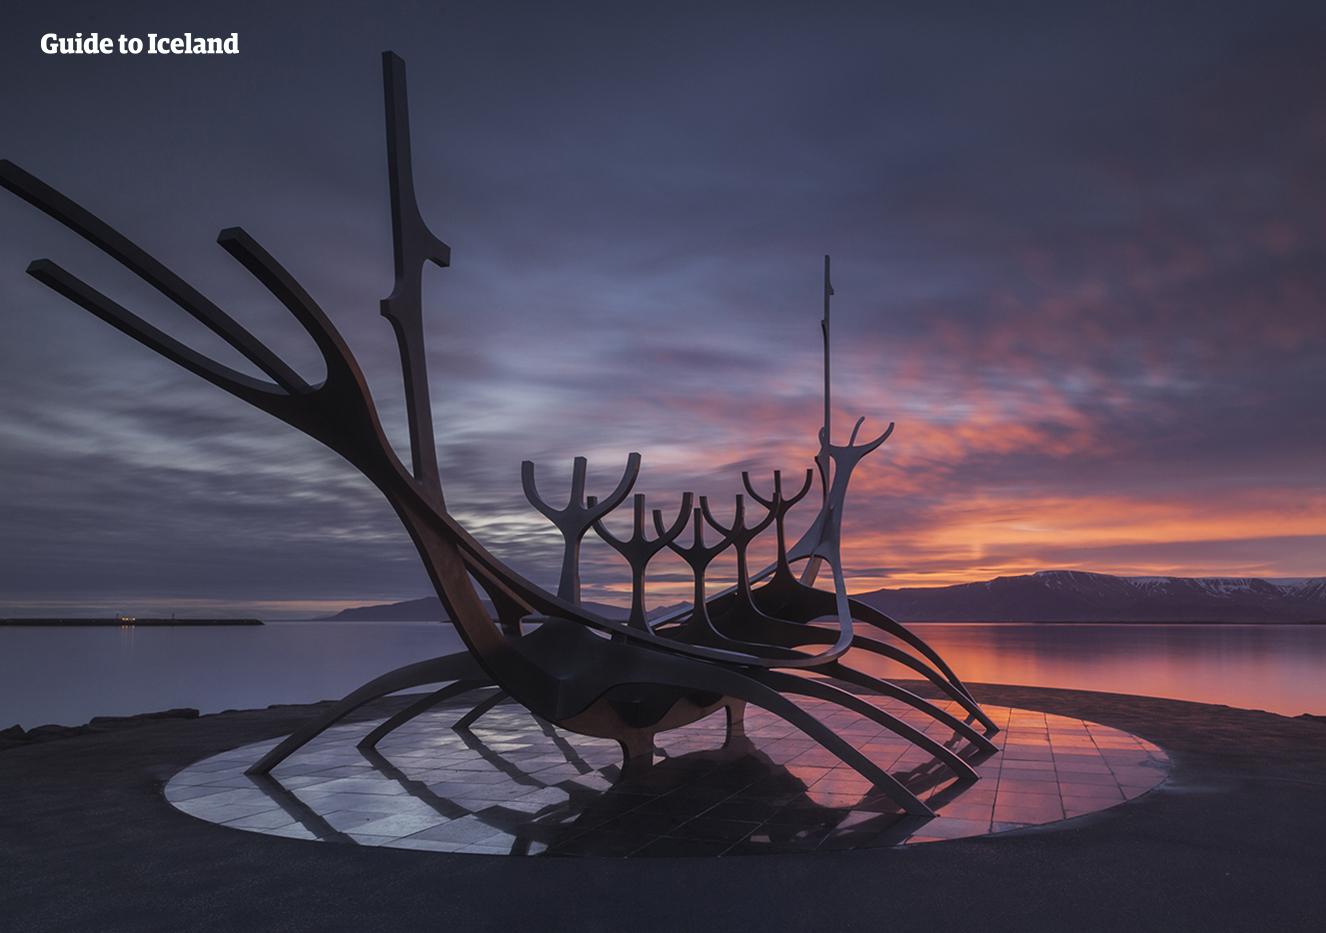 寒冬季节,冰岛首都雷克雅未克市中心的托宁湖偶尔会结冰